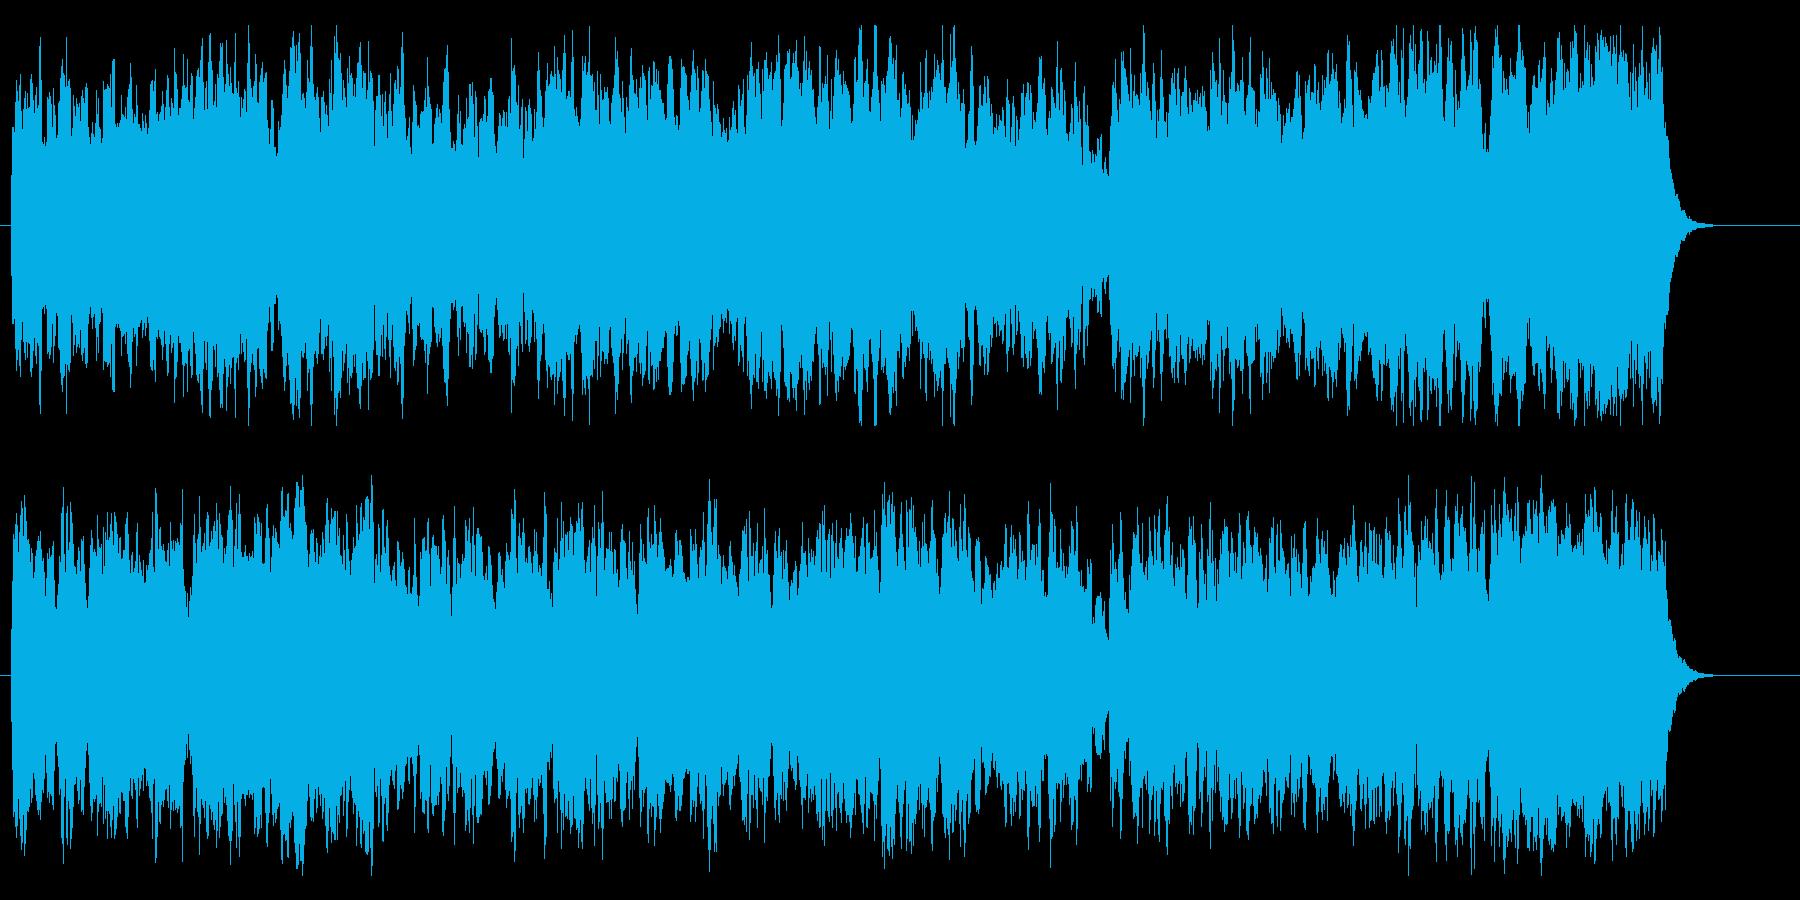 【オーケストラ】オープニング曲の再生済みの波形